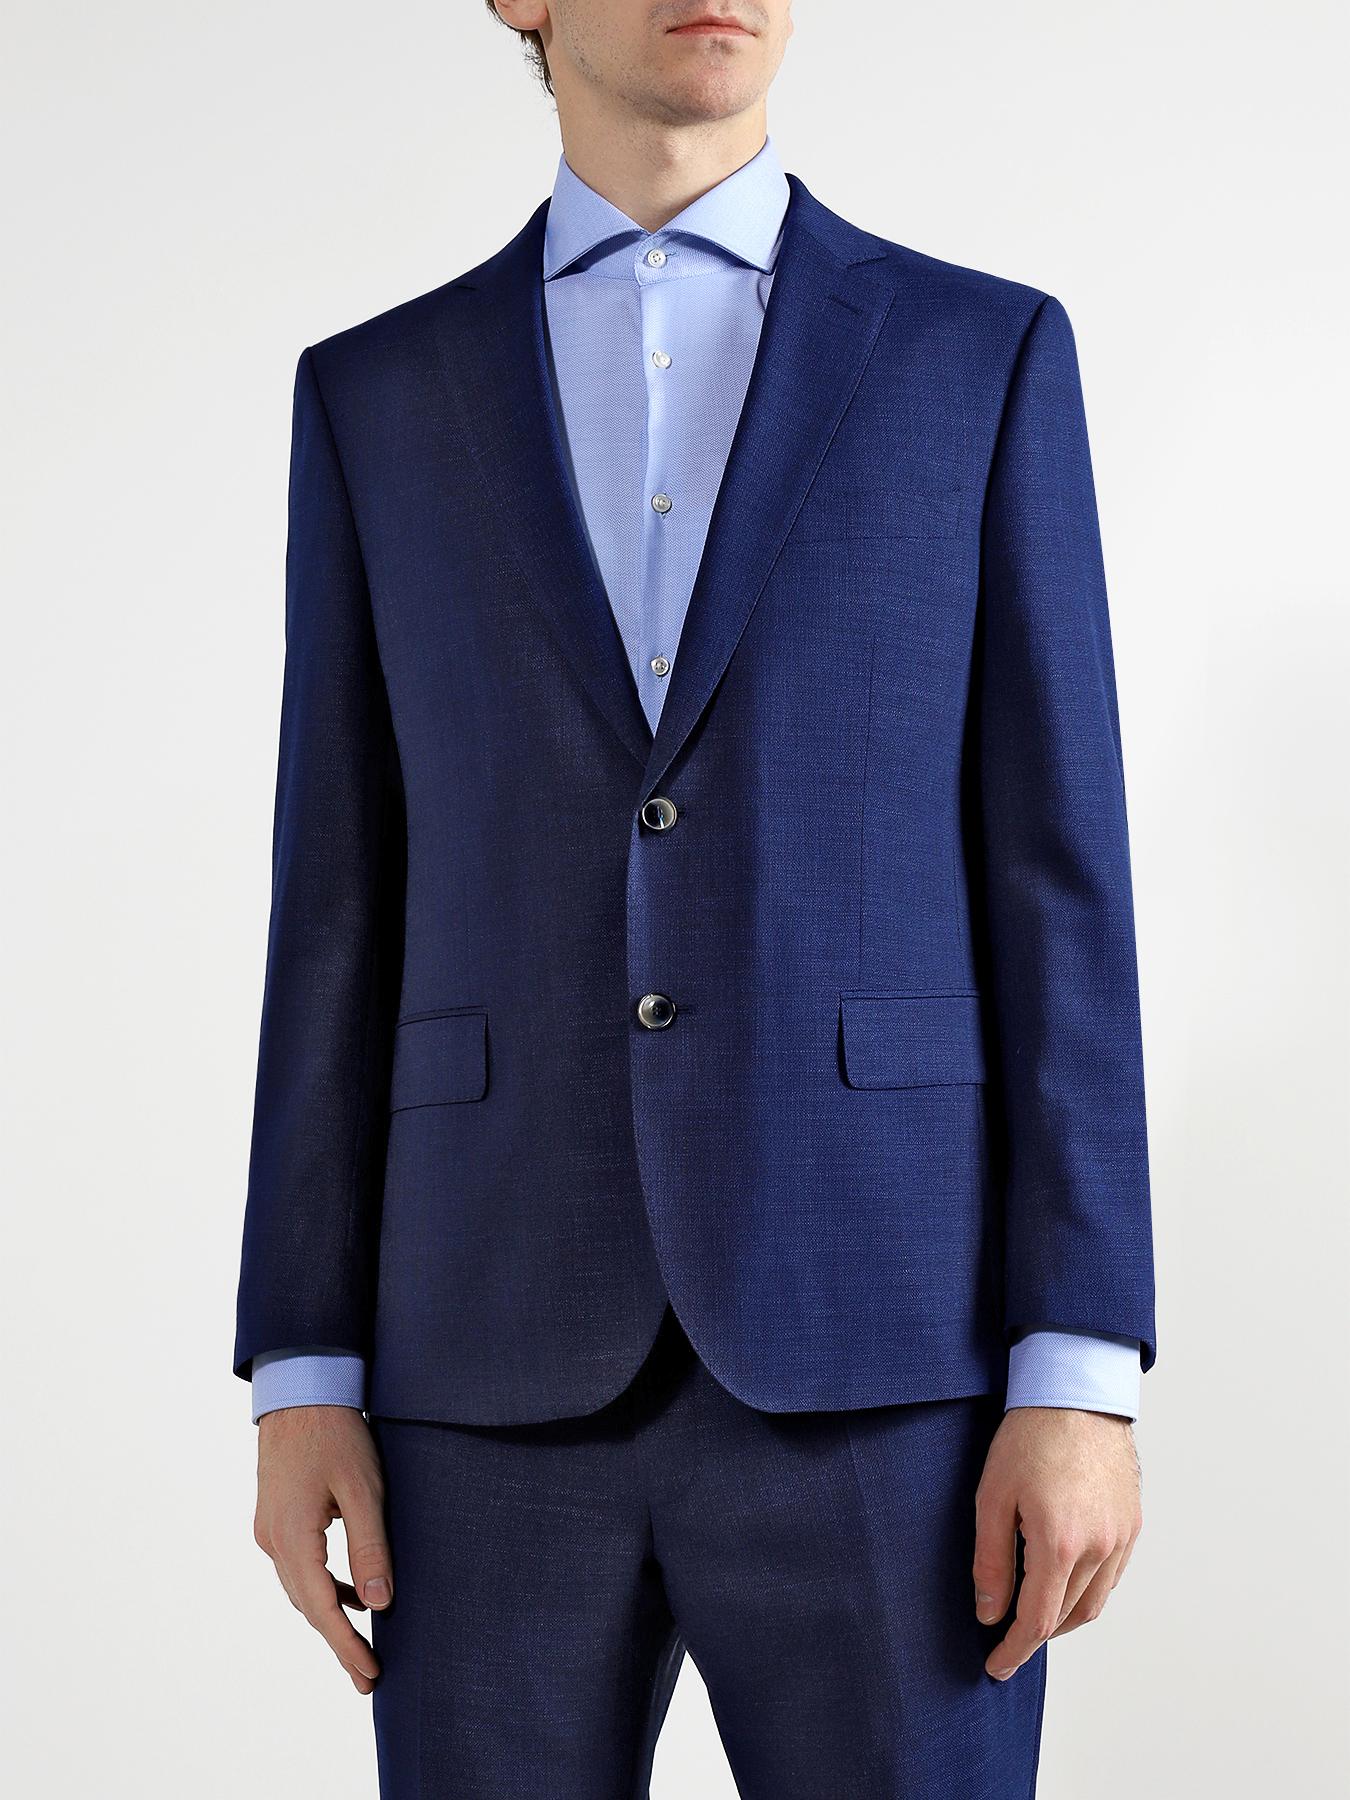 Alessandro Manzoni Классический костюм из шелка и шерсти фото